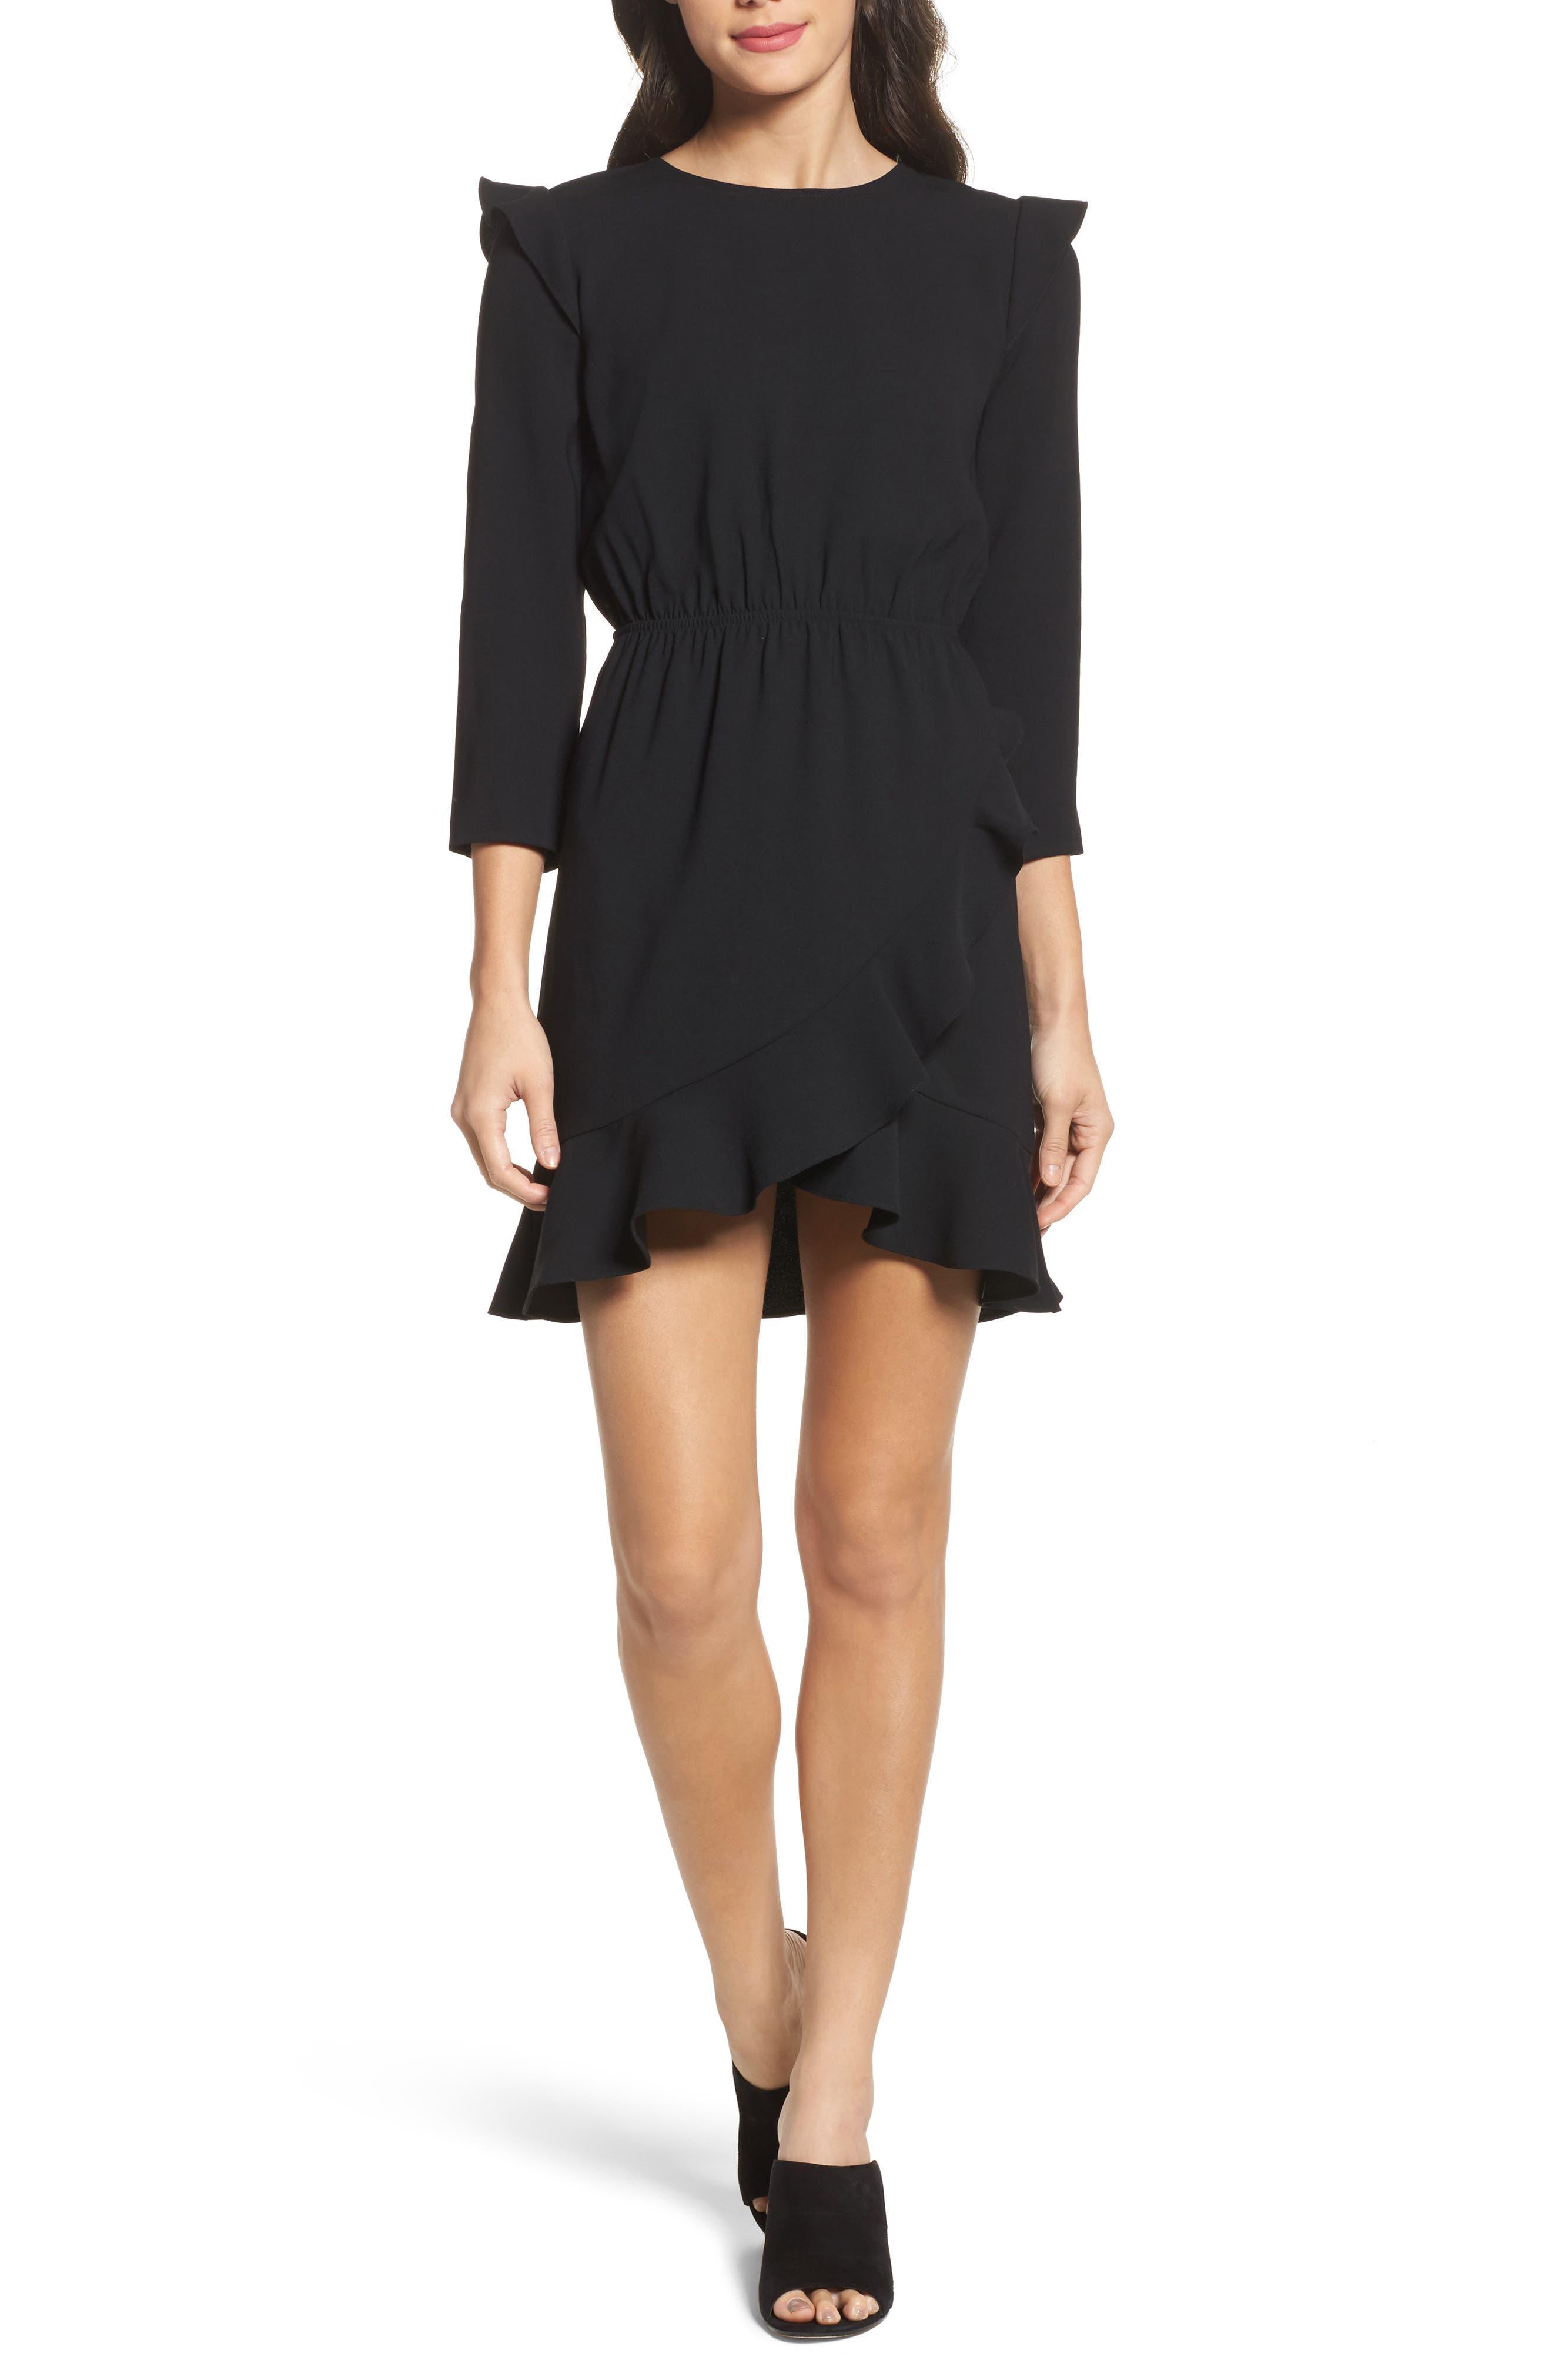 St Germain Ruffle Fit & Flare Dress,                             Main thumbnail 1, color,